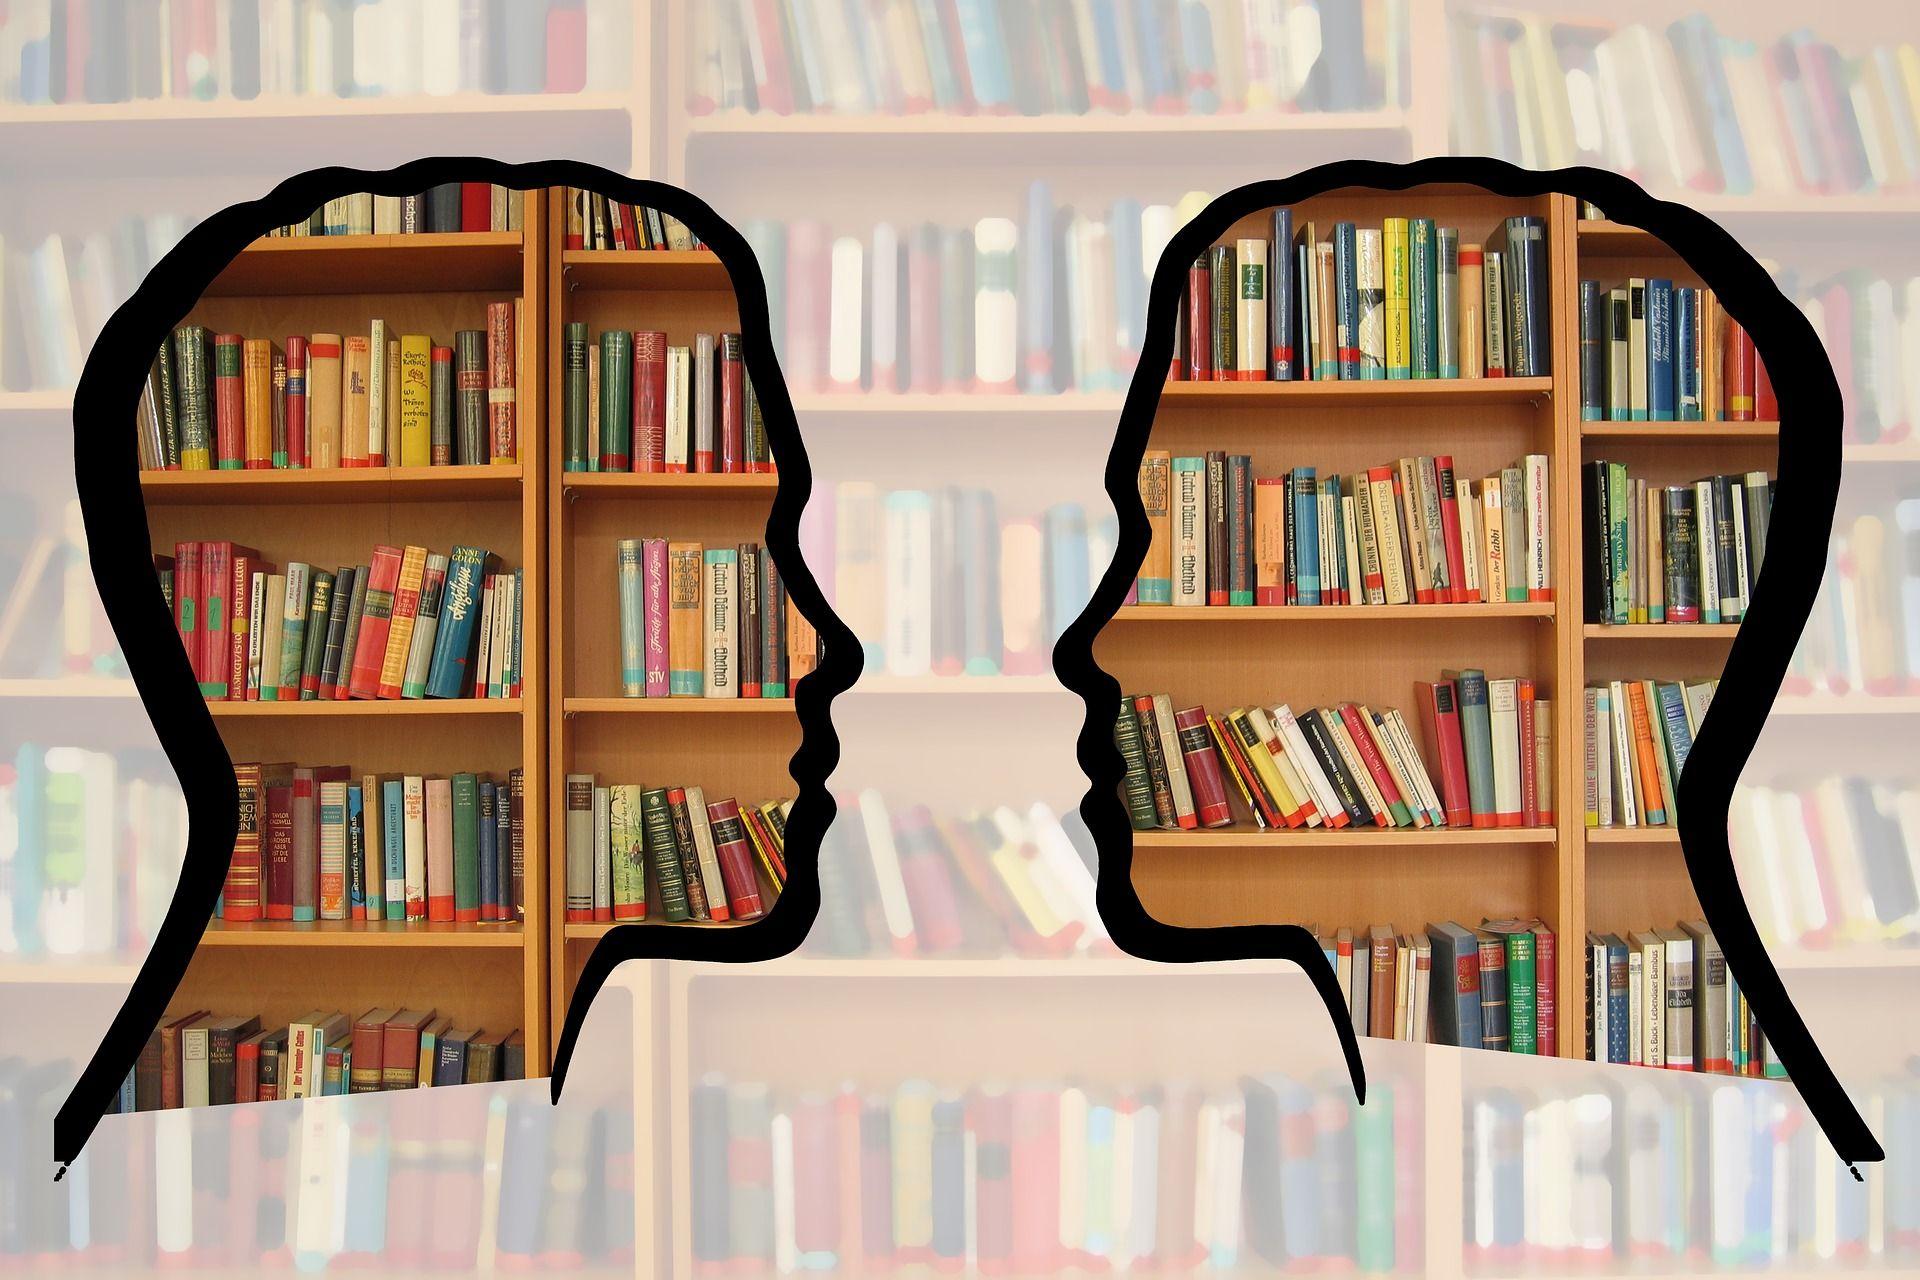 Bildnachweis: geralt, Pixabay 2 Profile über Bücherregale eingeblendet als Sinnbild für Fachbegriffe, die wir im Kopf gespeichert haben.